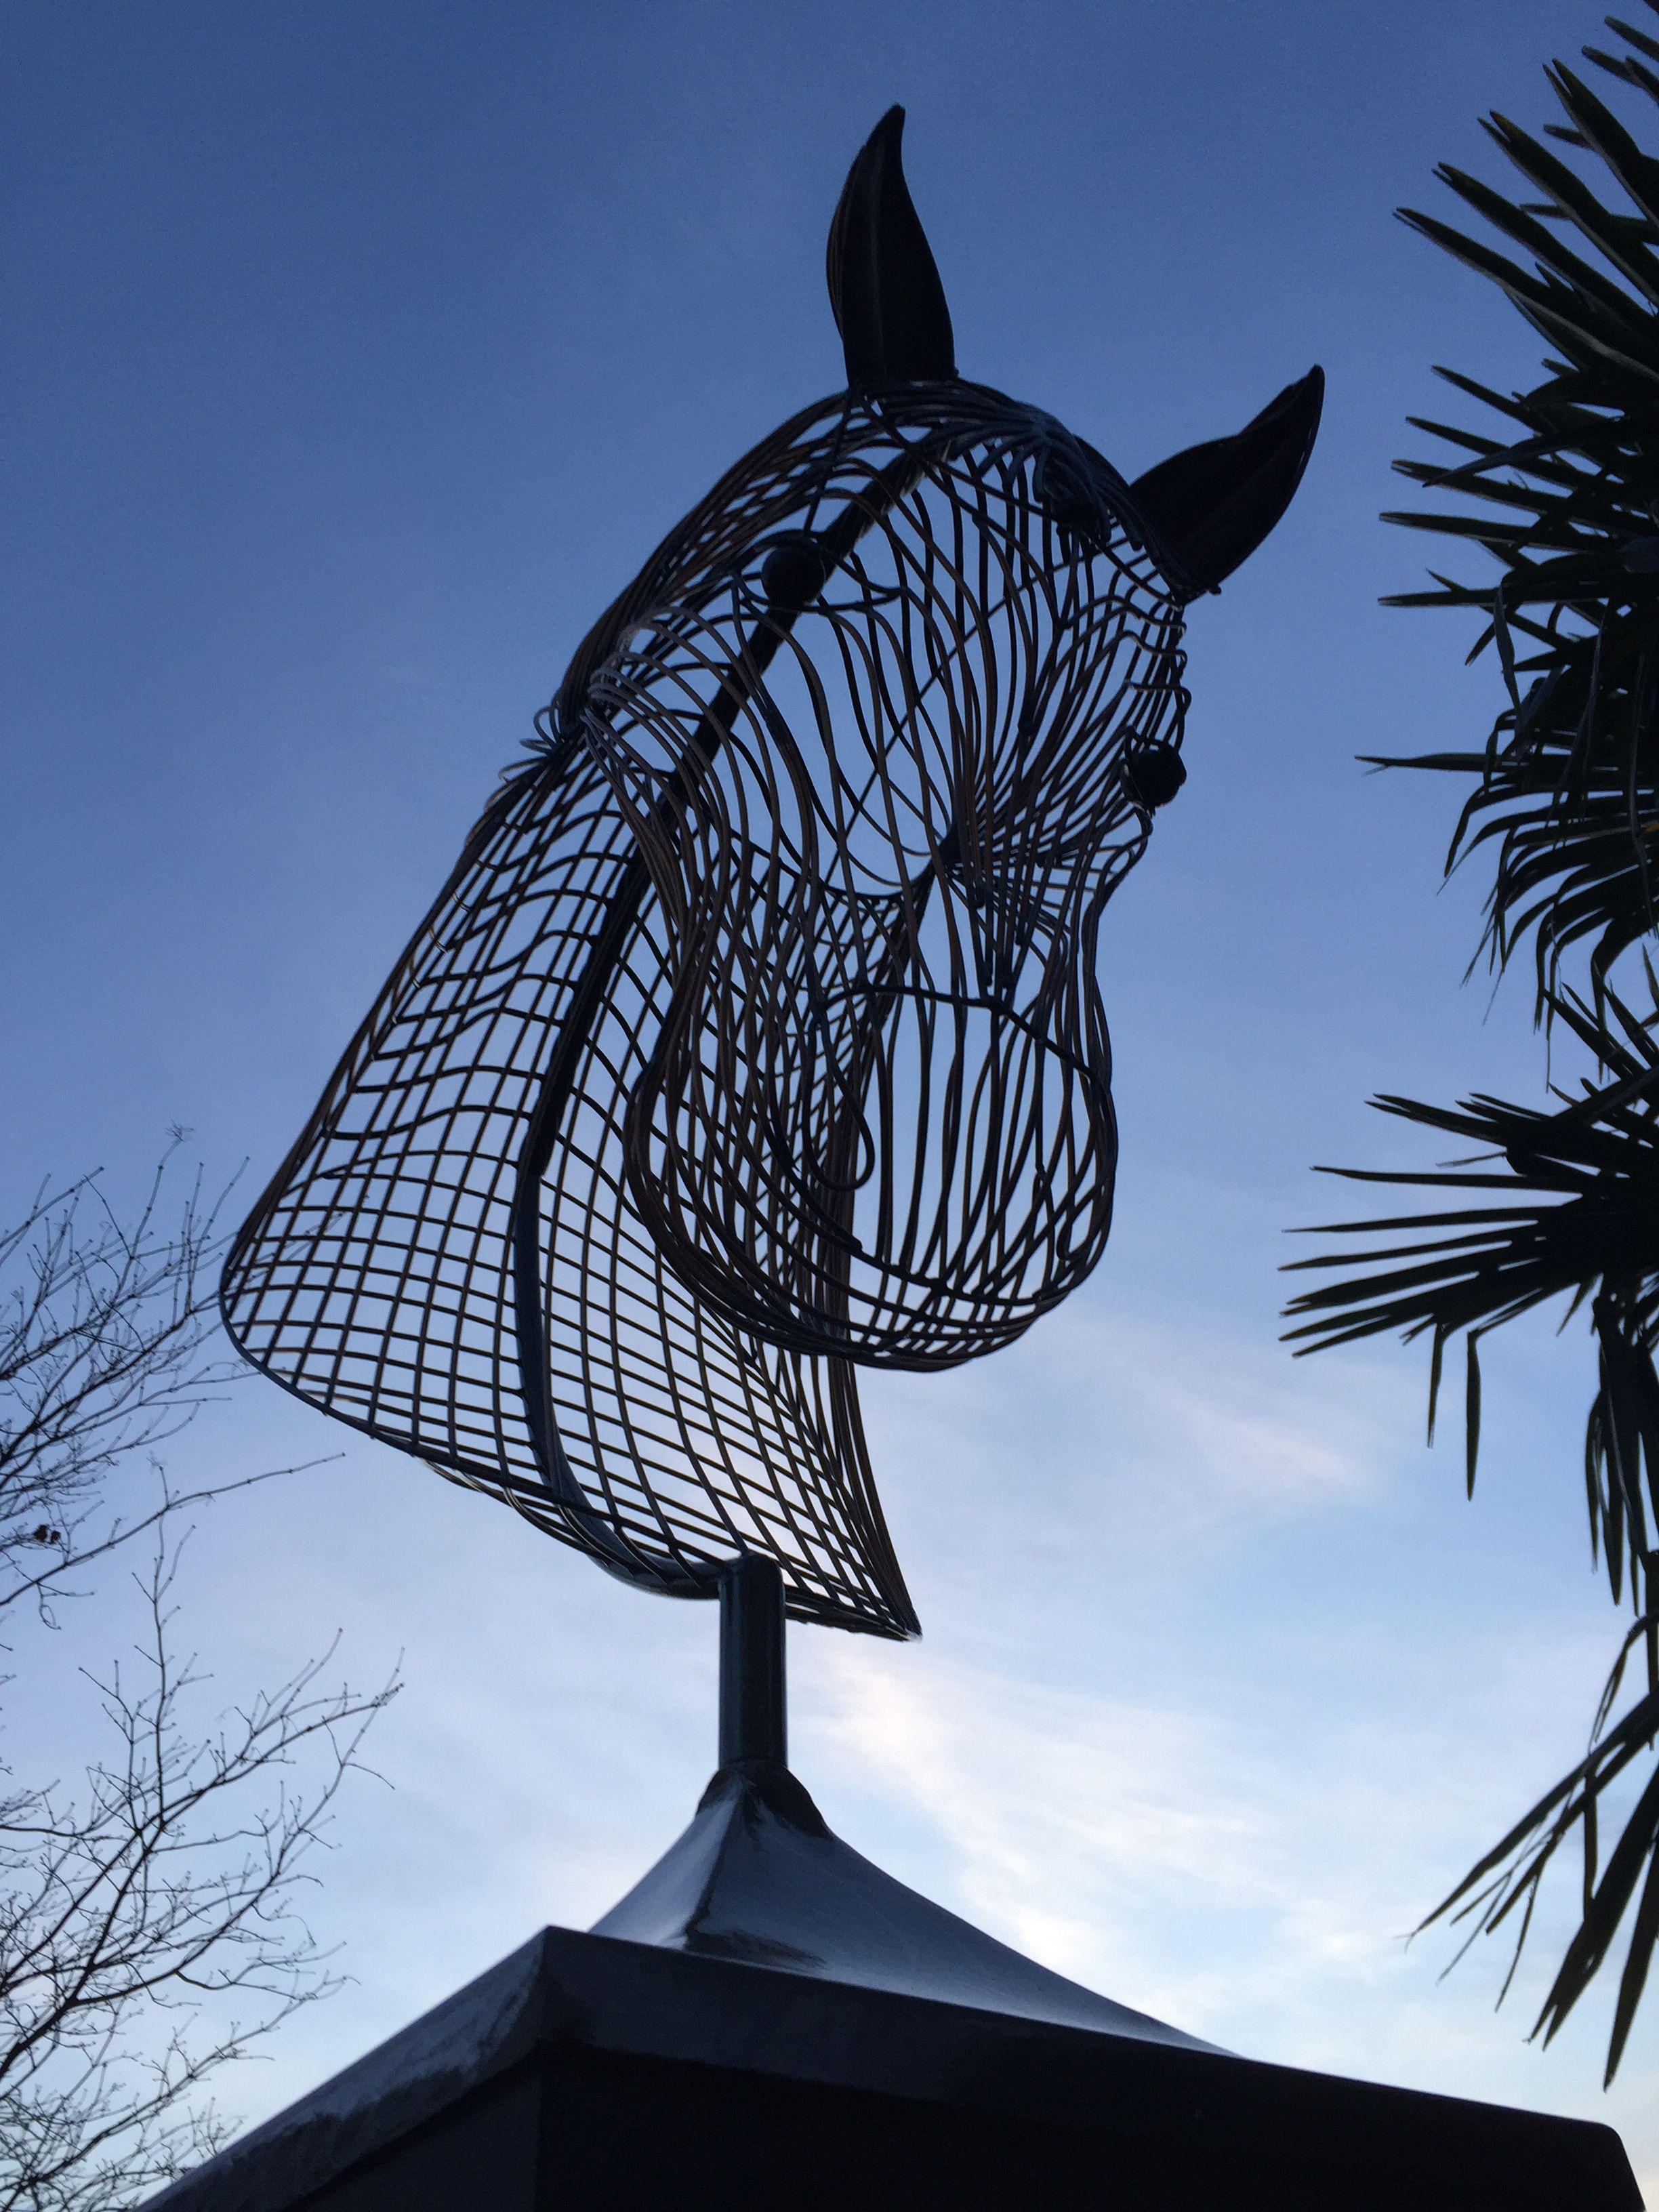 Wire Sculptures - Horse Head Wire Sculpture